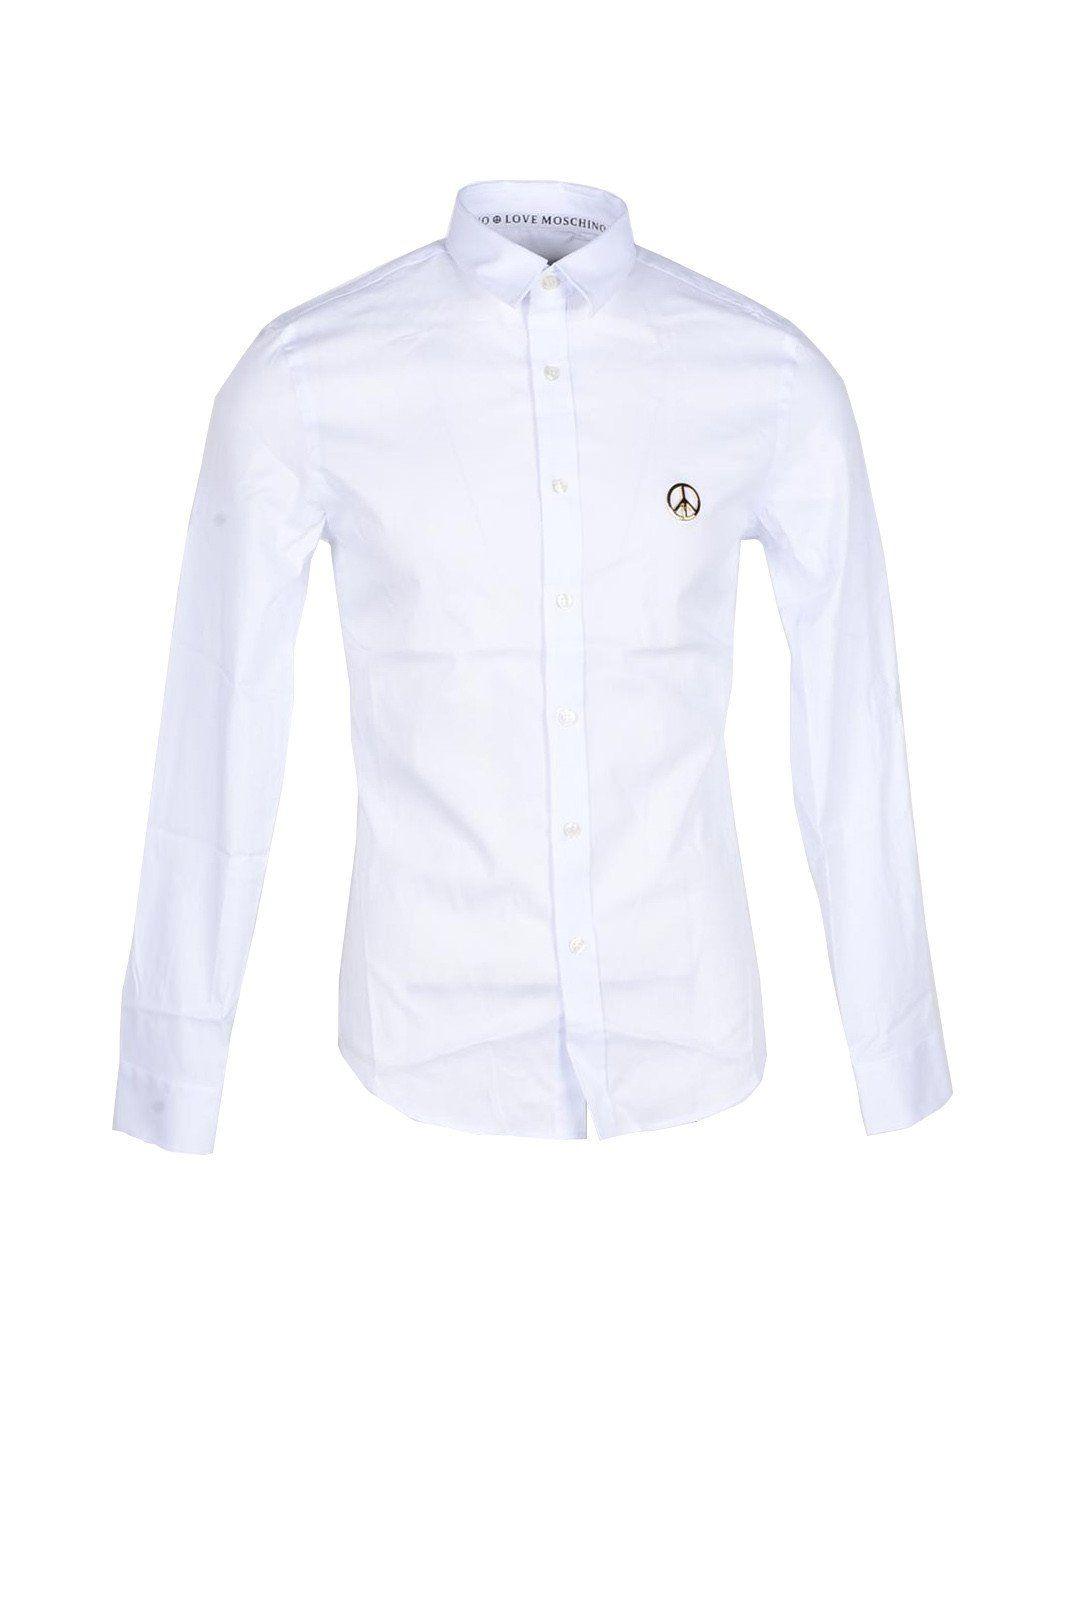 Love Moschino Men's Shirt In White